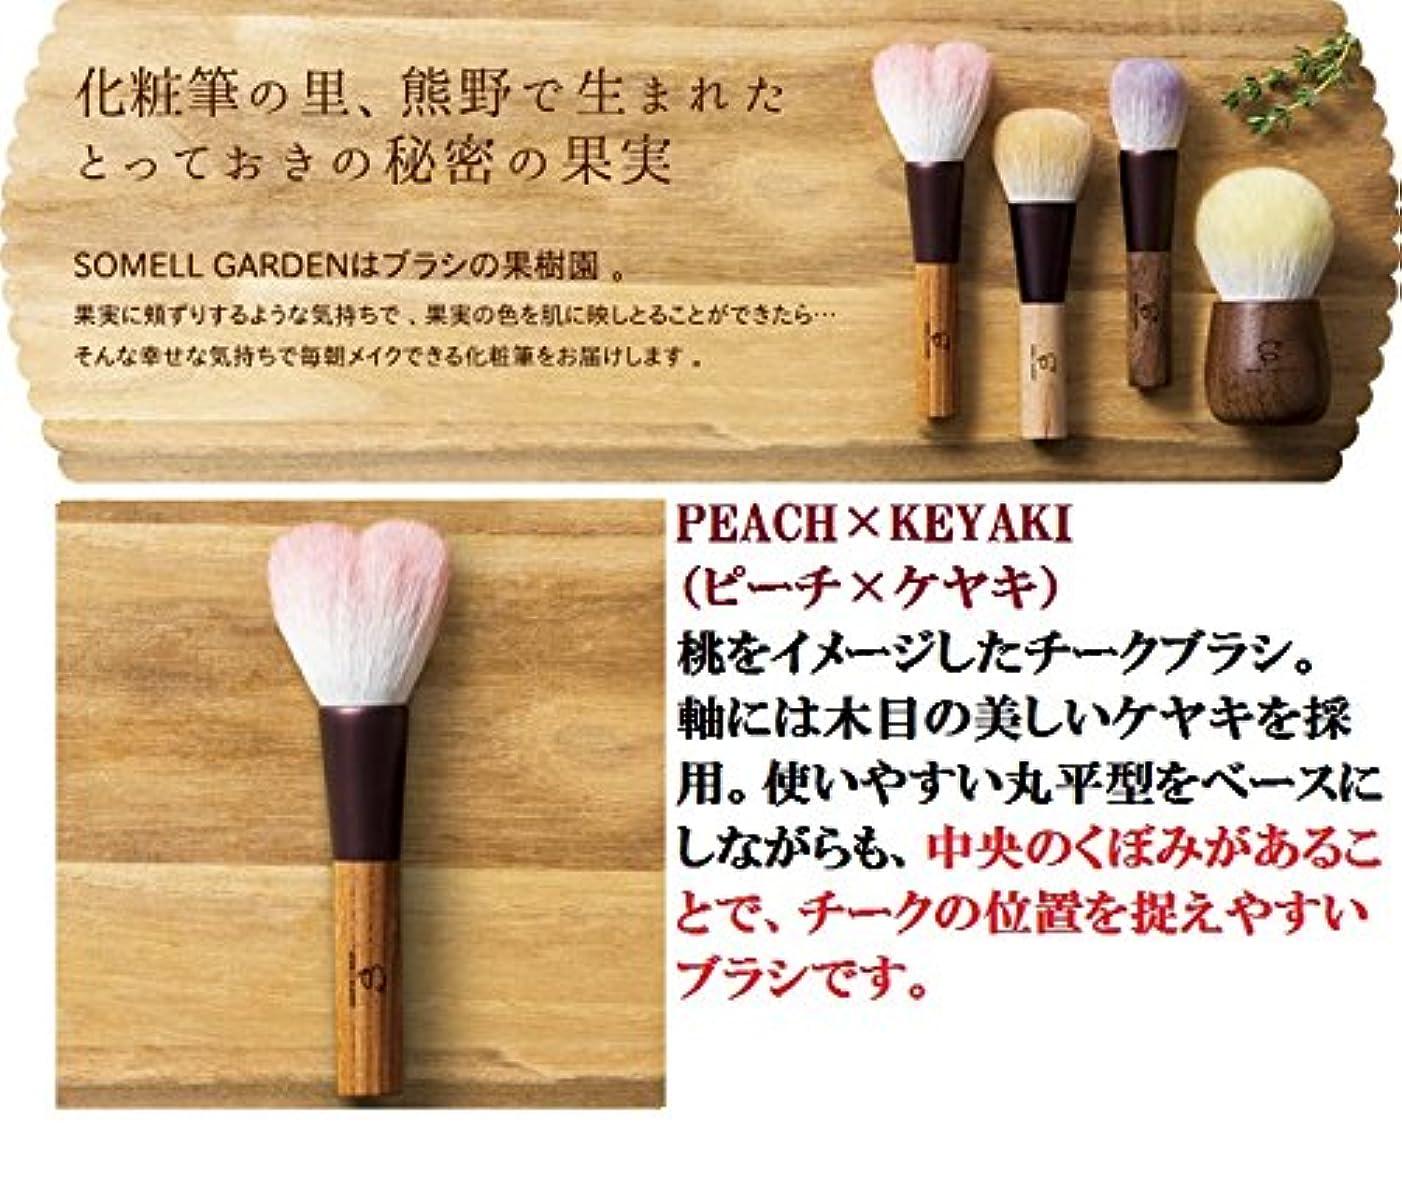 腸誓うスワップ広島県 熊野化粧筆 SOMELL GARDEN ブラシシリーズ (ピーチ×ケヤキ)